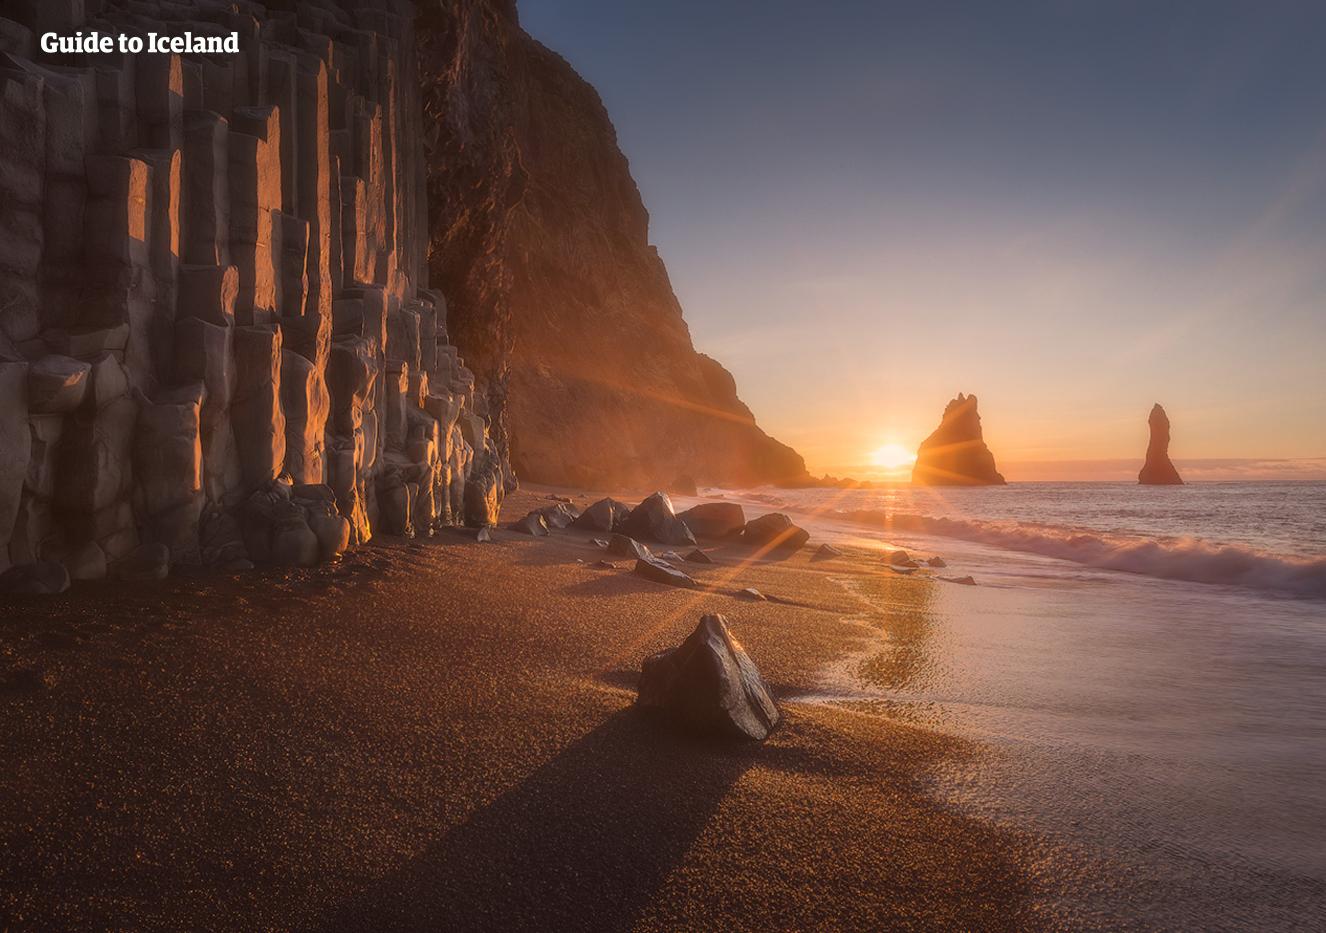 Czarna plaża Reynisfjara to obowiązkowa atrakcja na południowym wybrzeżu Islandii.